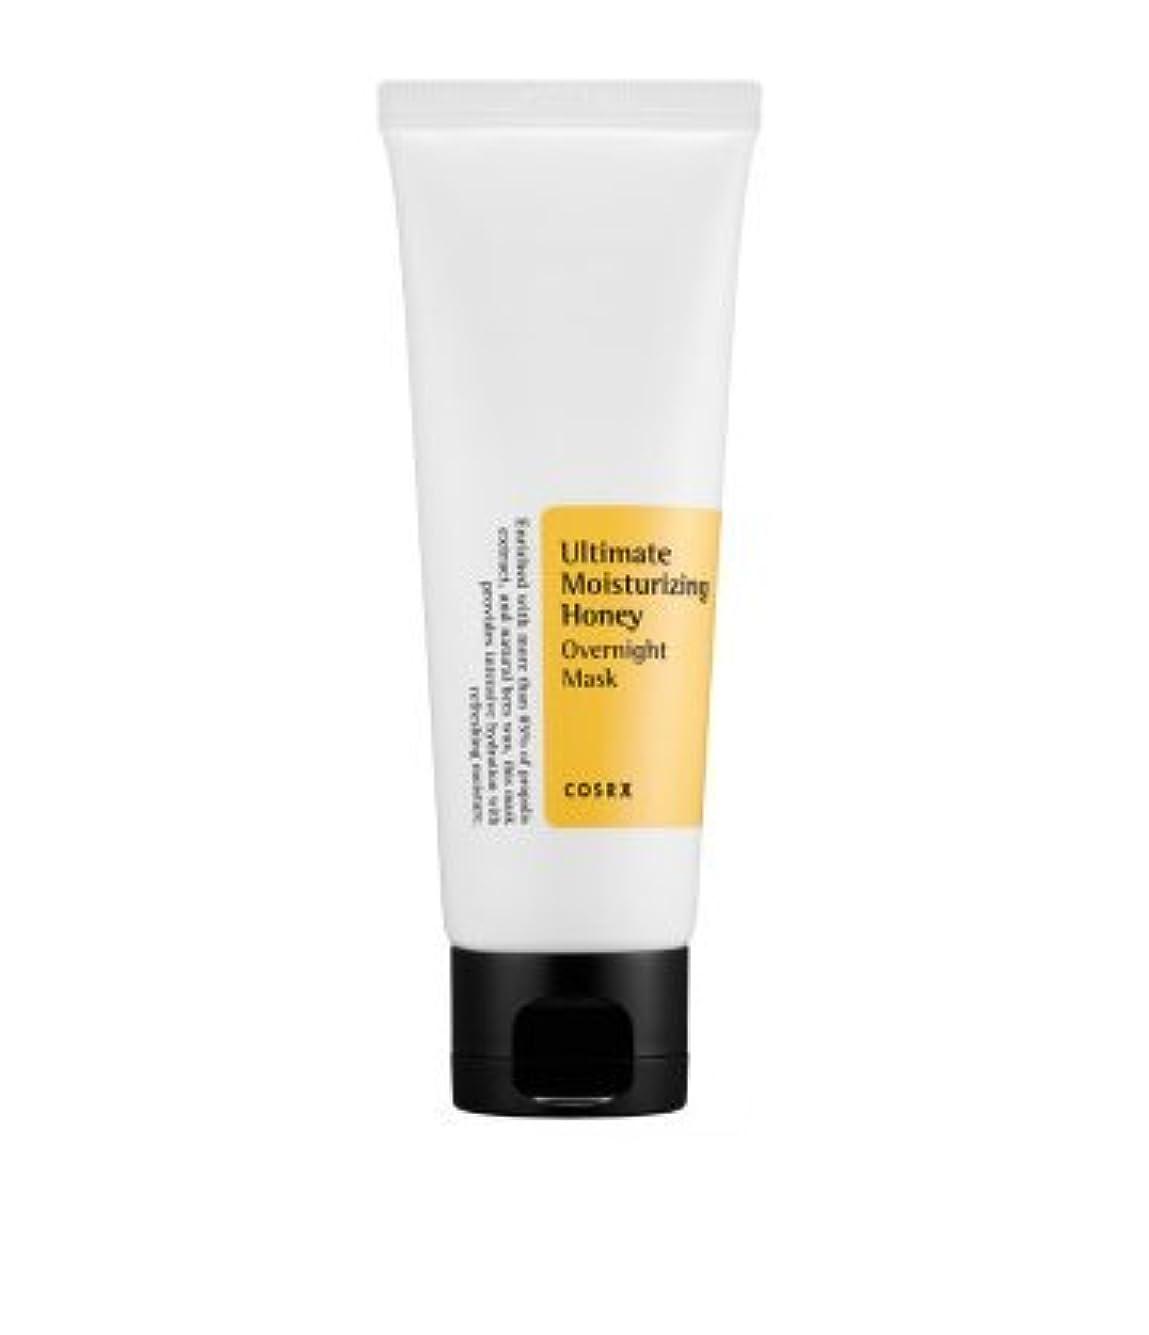 しつけ爆風雇うCOSRX アルティメット モイスチャライジング ハニー オーバーナイト マスク チューブタイプ(60ml) リニューアル / Ultimate Moisturizing Honey Overnight Mask [並行輸入品]